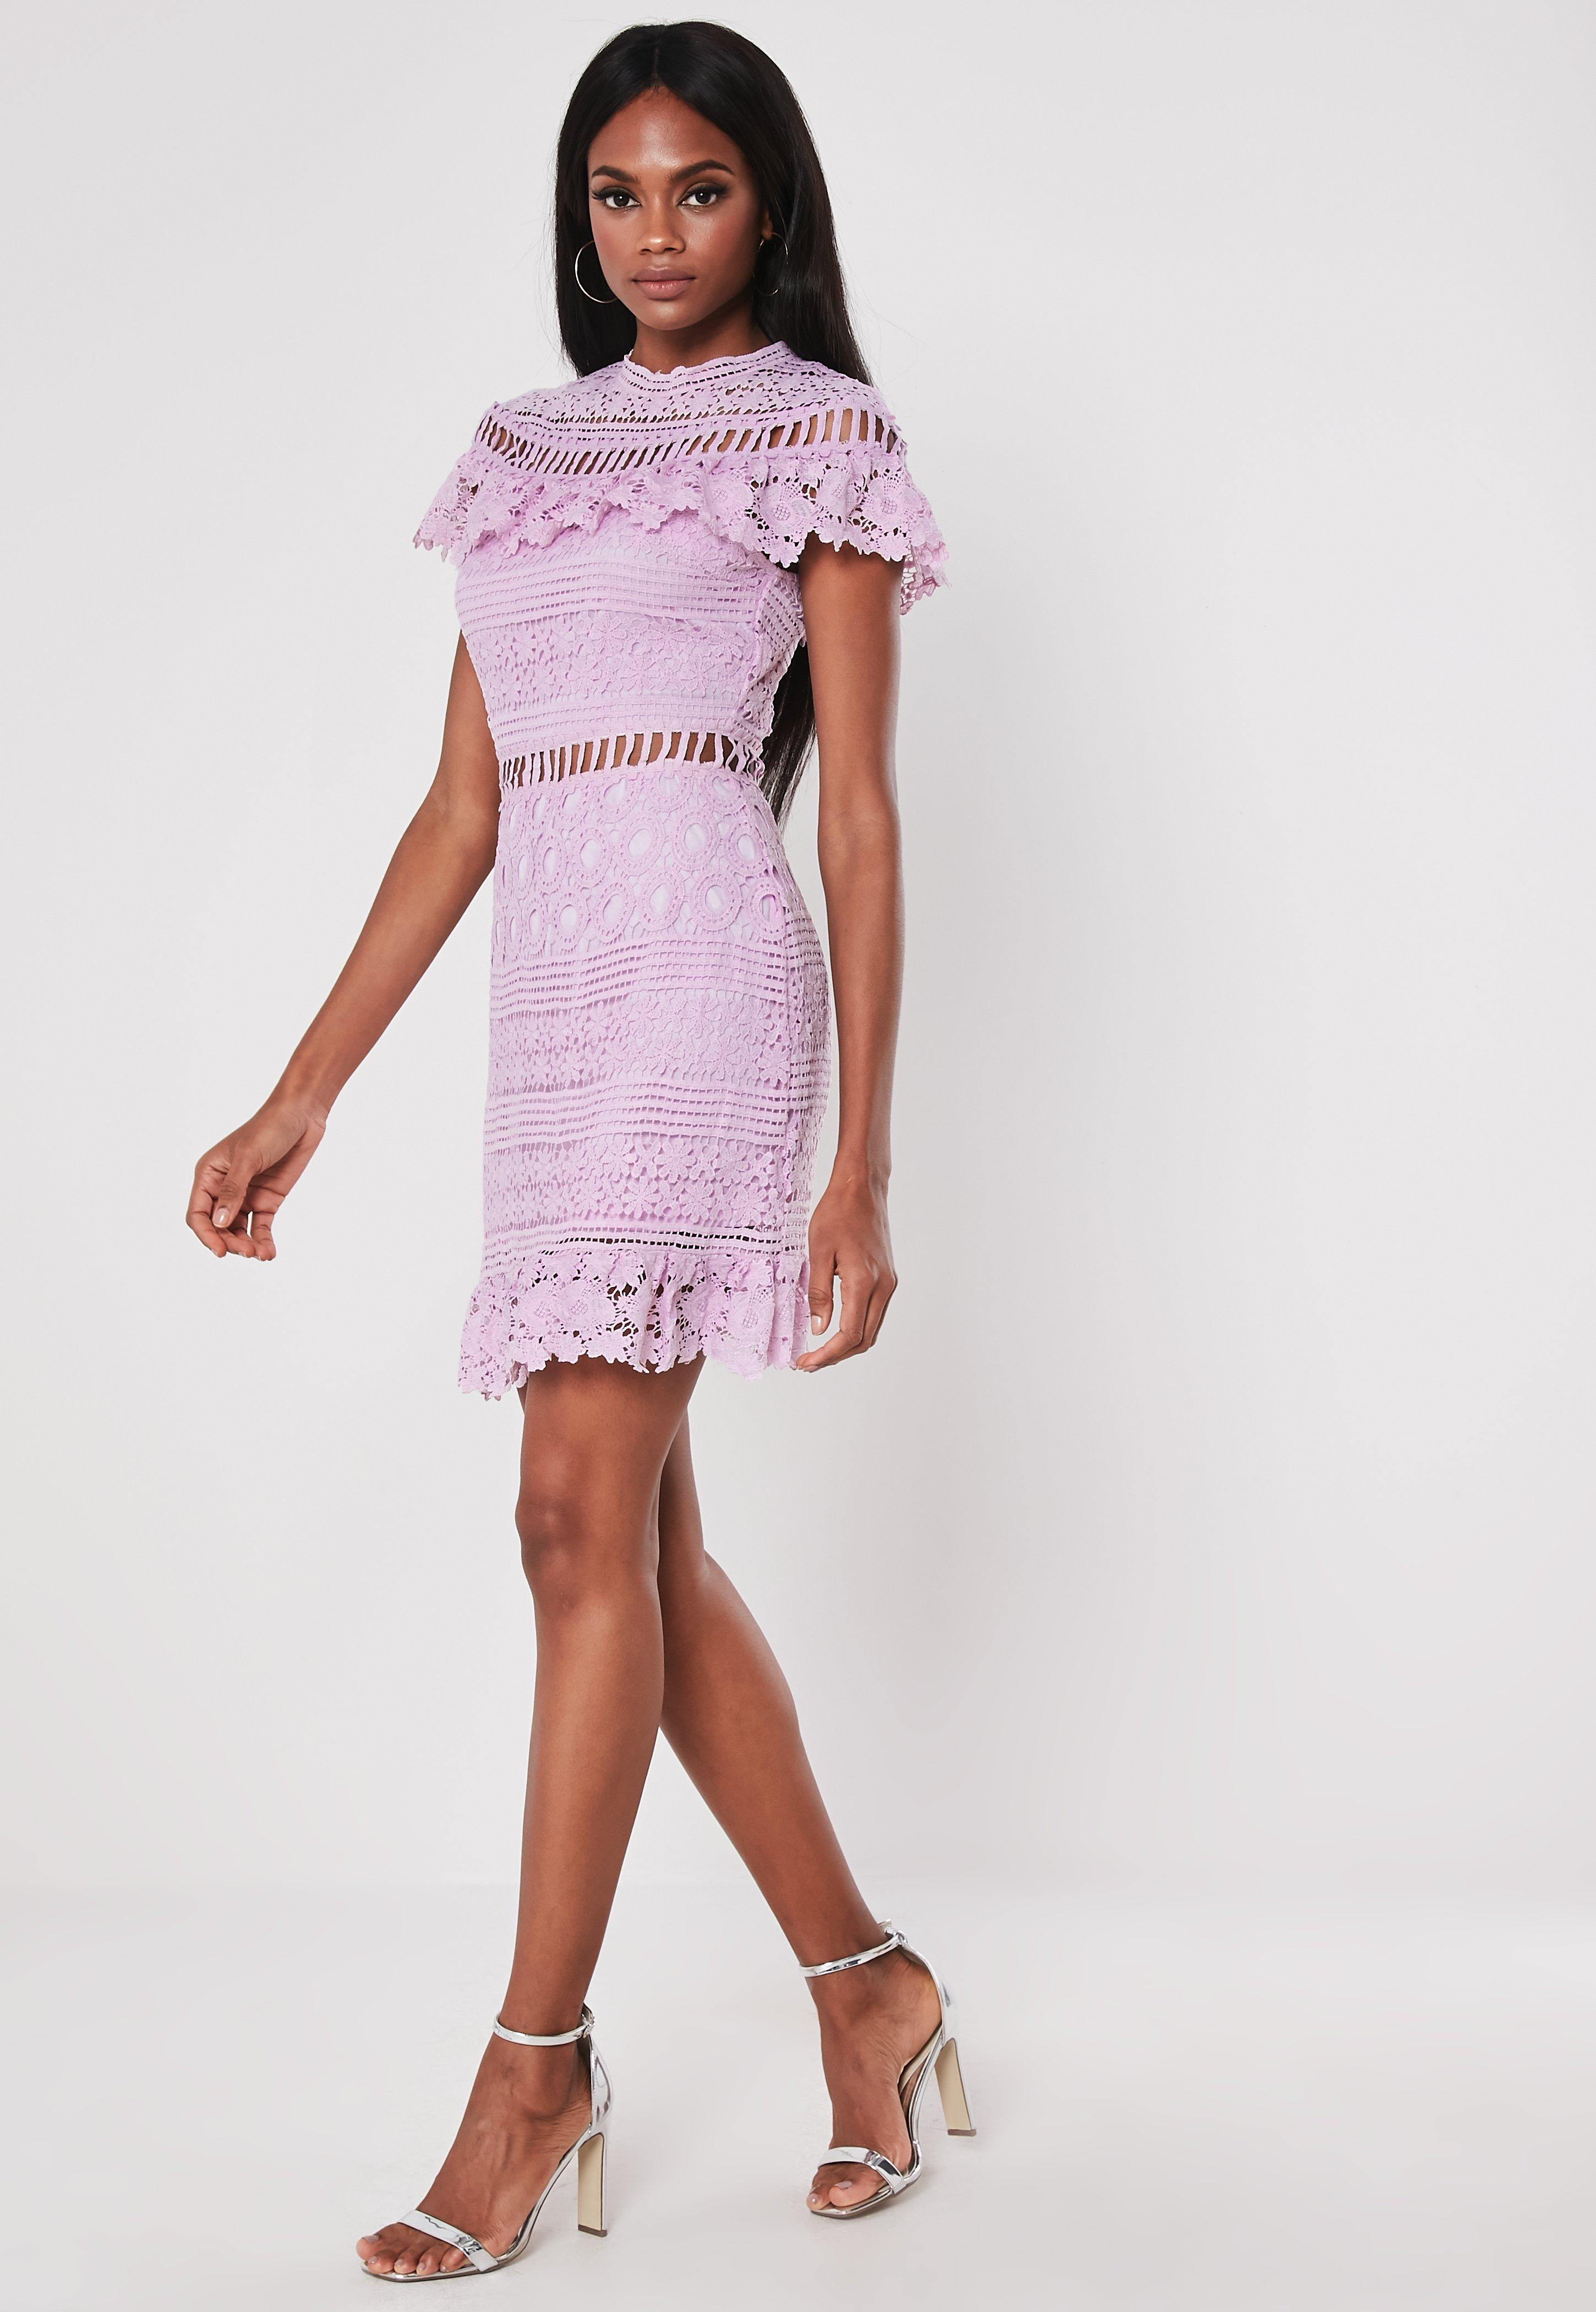 bdf9cf0f7aa3 Lace Dresses